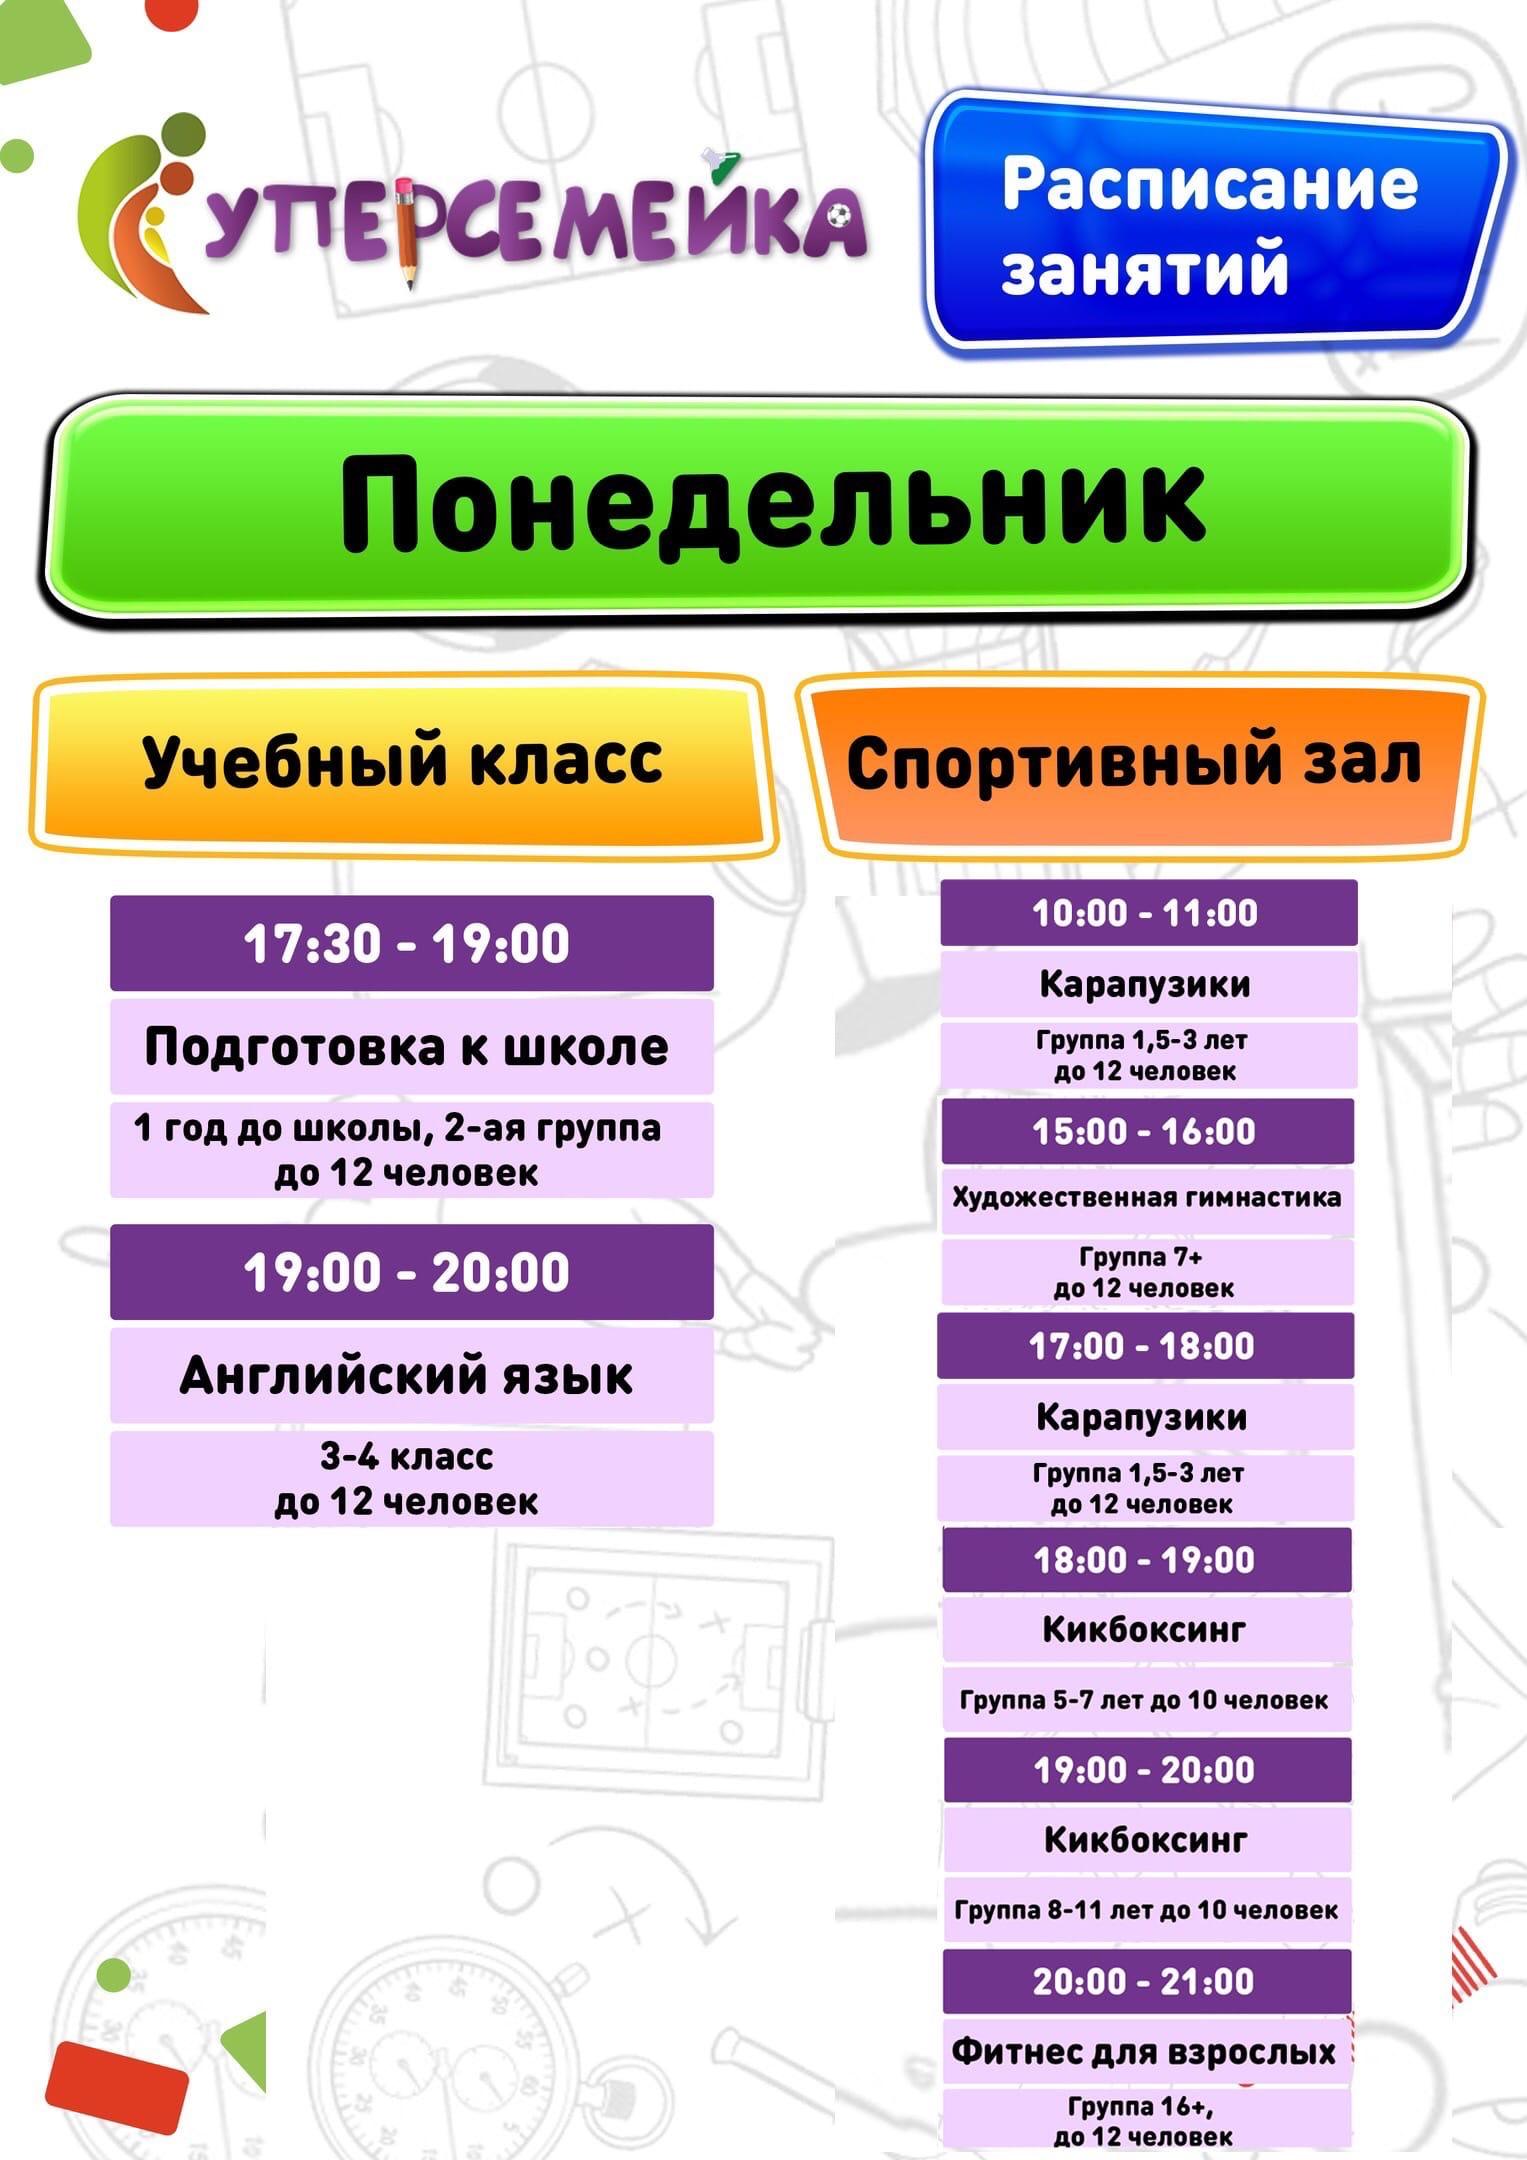 Расписание на пон